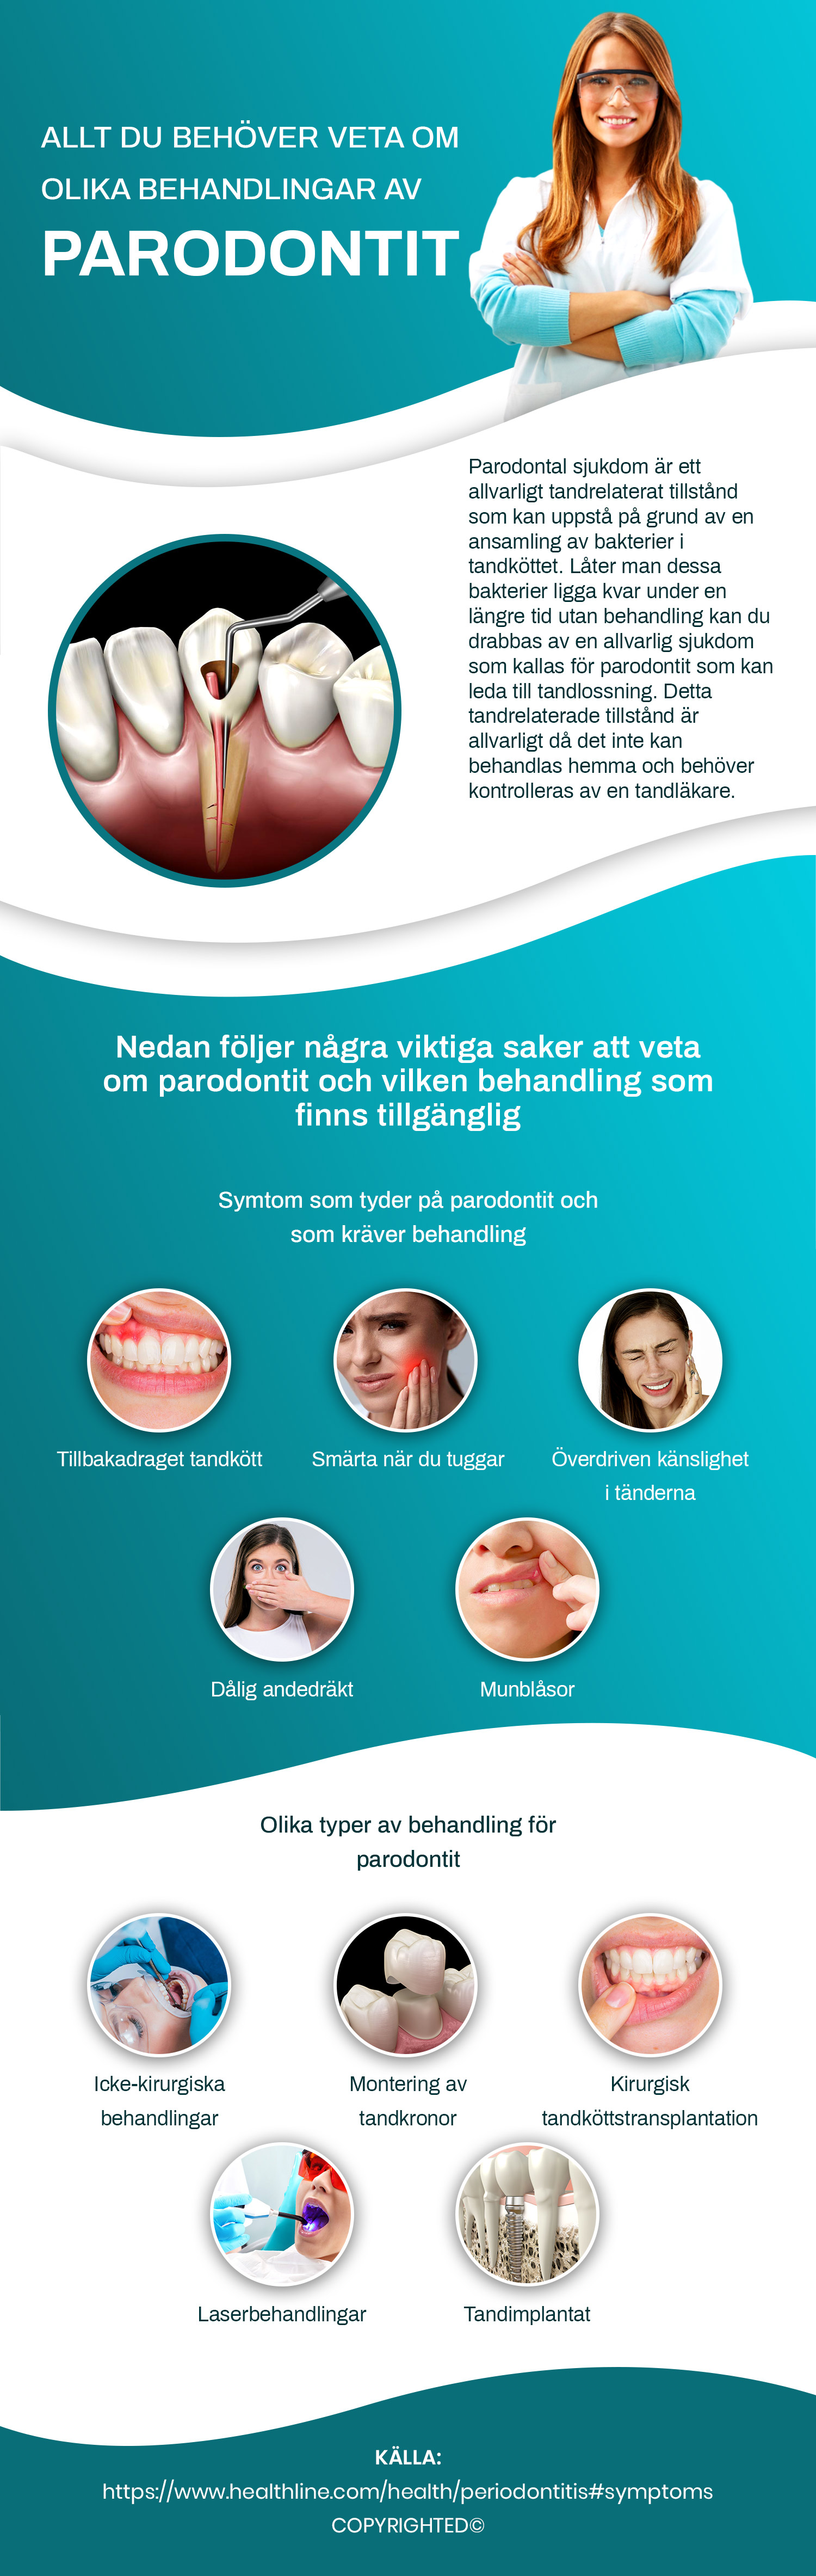 Allt du behöver veta om olika behandlingar av parodontit